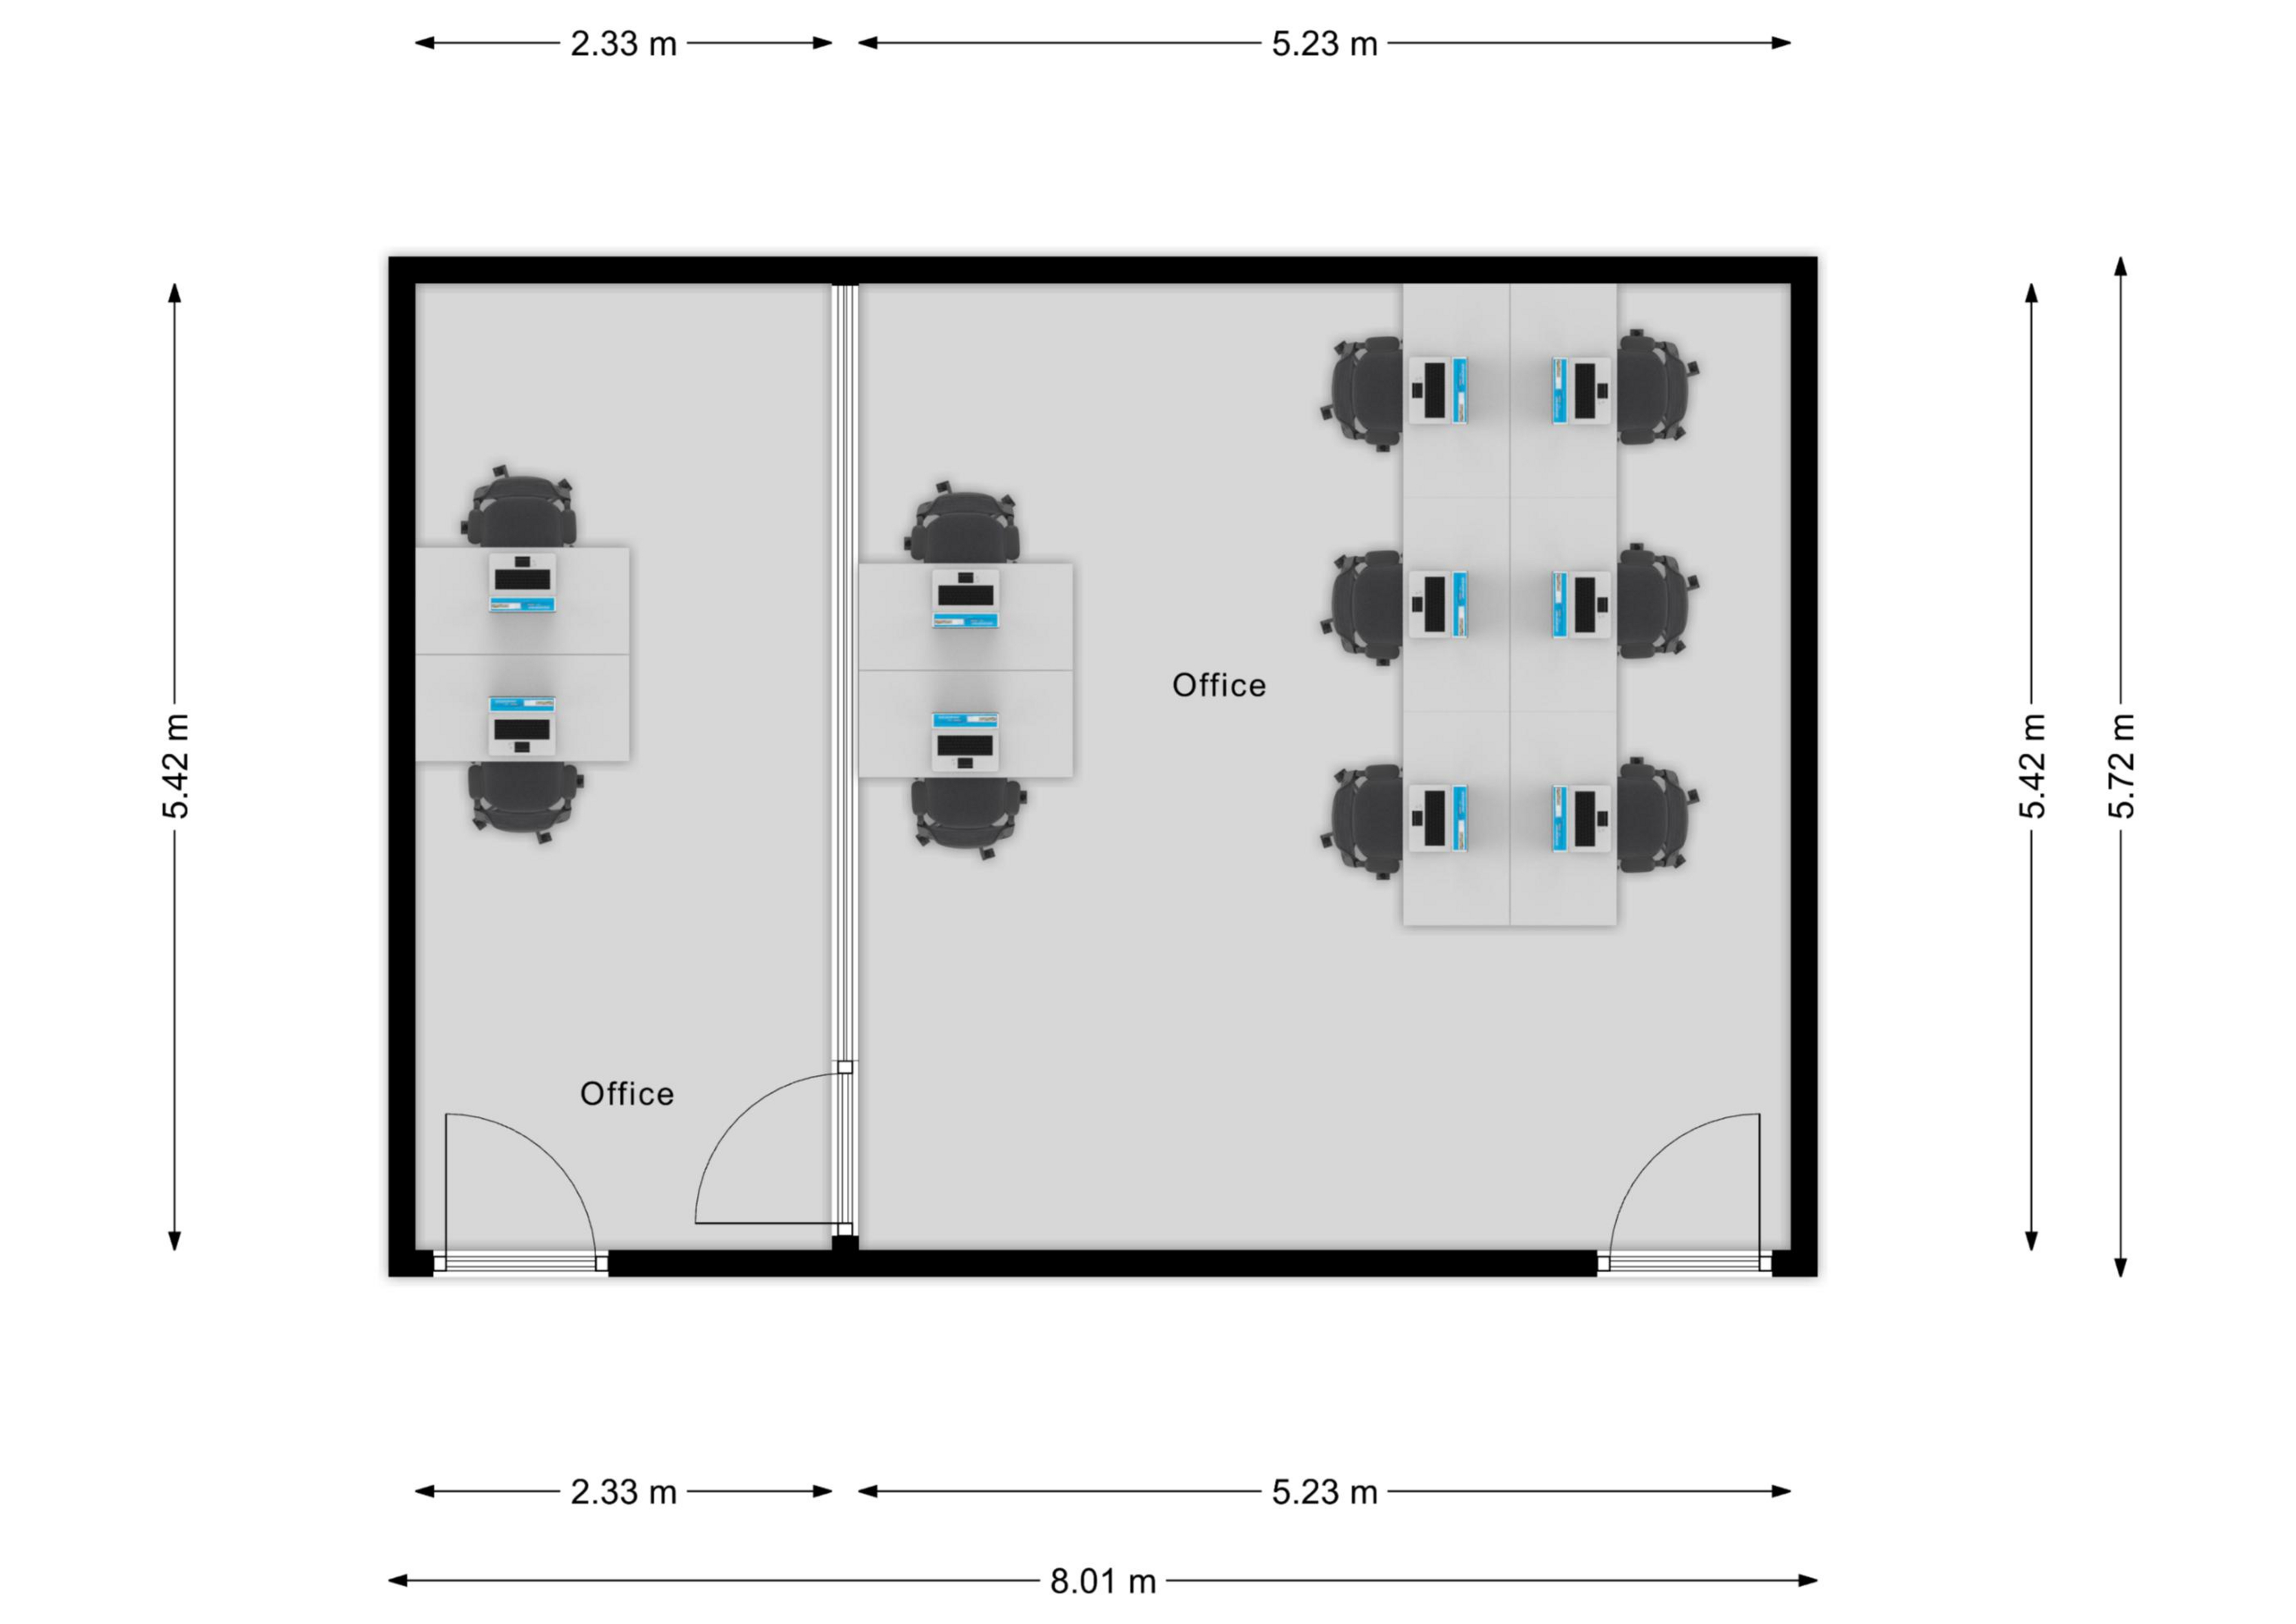 M7 Floorplan (Partitioned).jpg